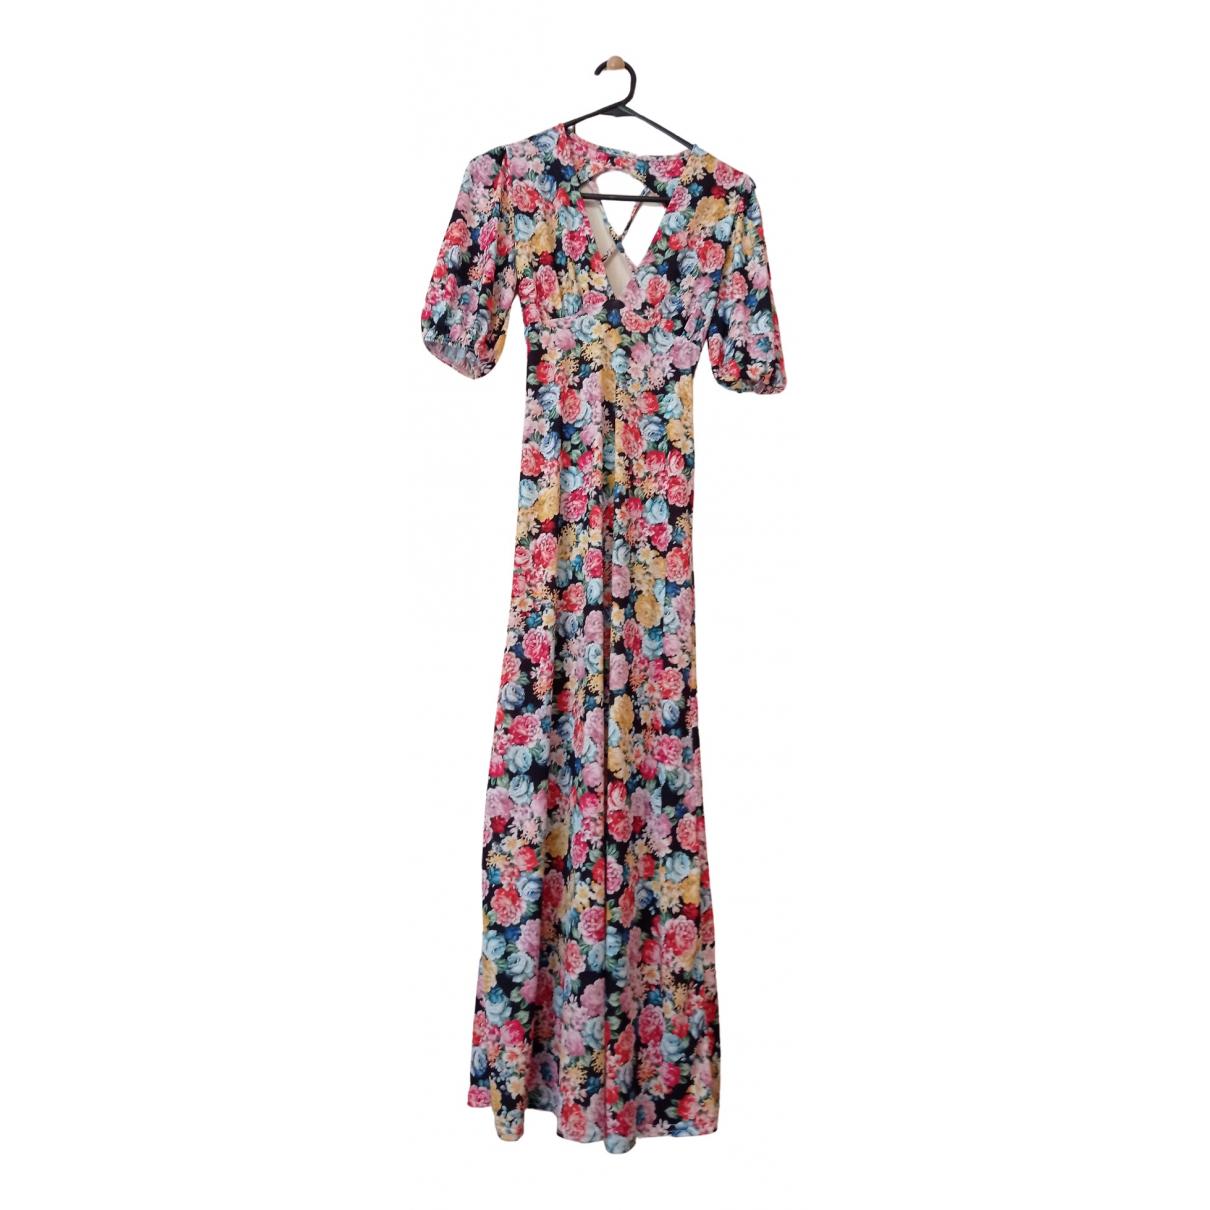 Asos - Robe   pour femme en coton - elasthane - multicolore